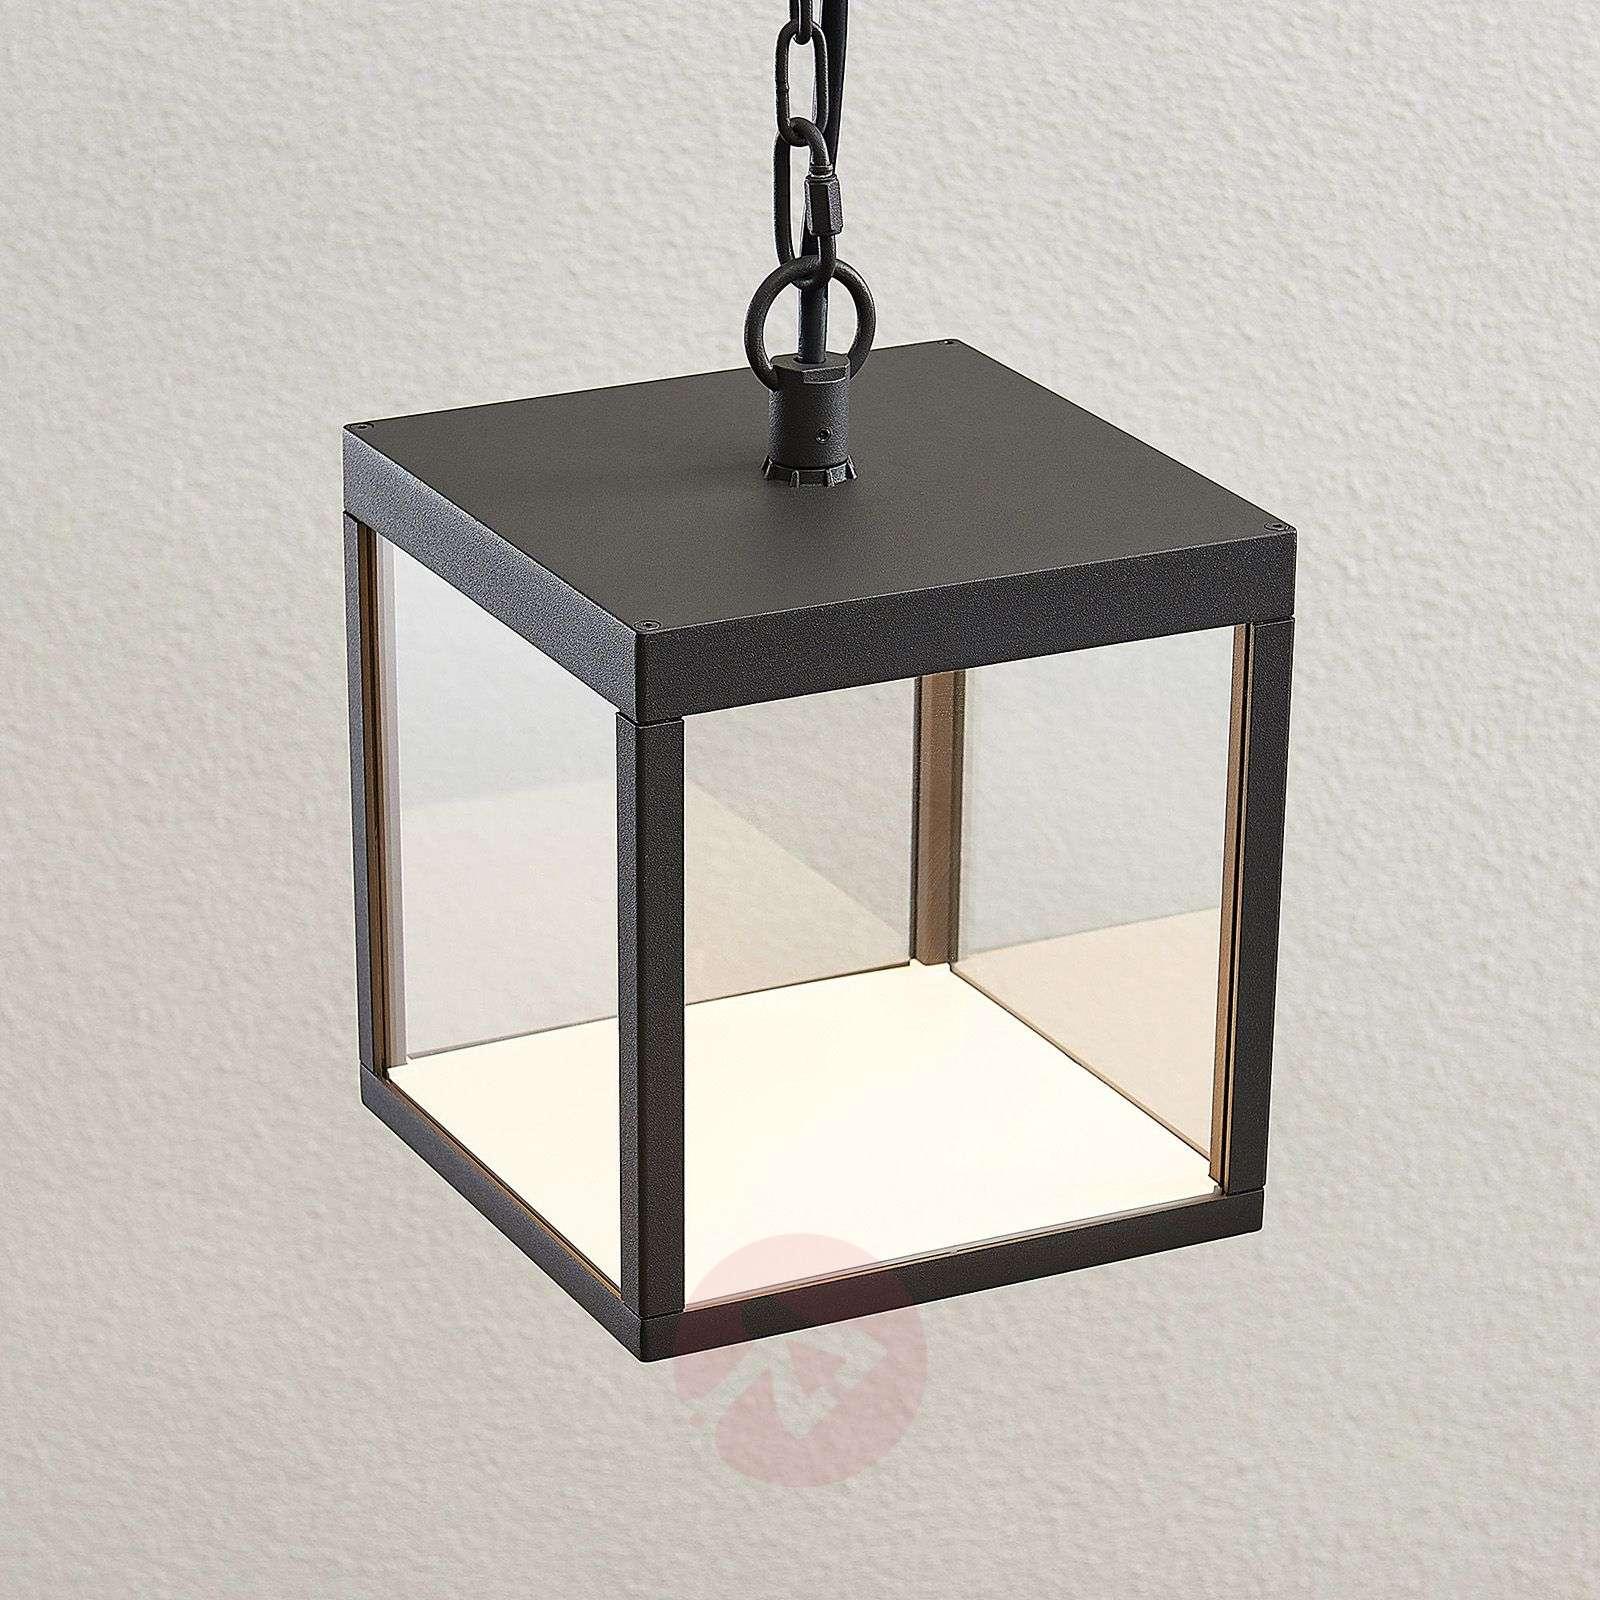 LED-ulkoseinävalaisin Cube lasivarjostimella 18 cm-9619165-02